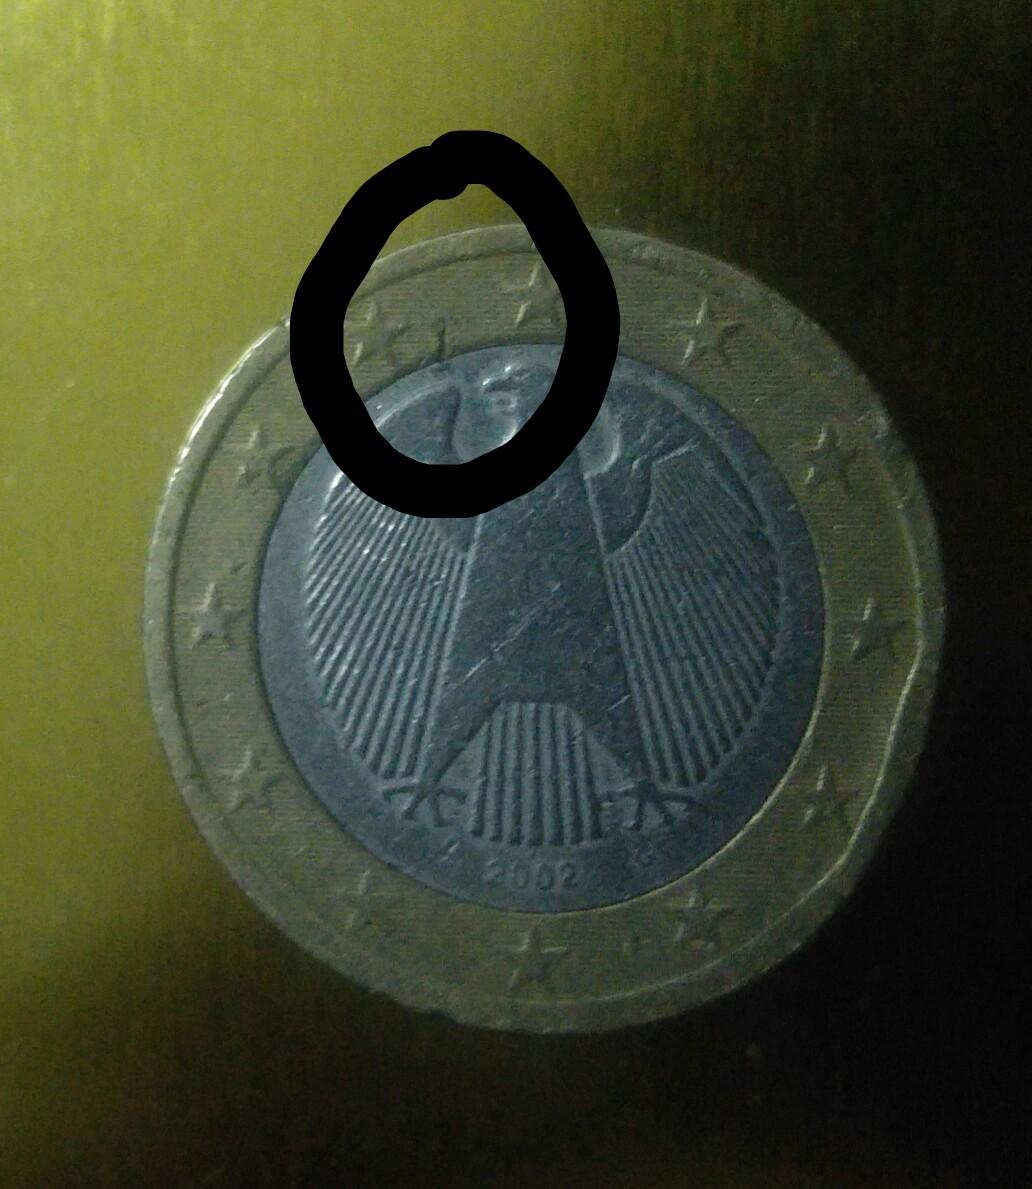 """Alemania, 2 EURO 2007 (""""G"""") Resello """"X"""" o """"K"""" (circulada) Picsar20"""